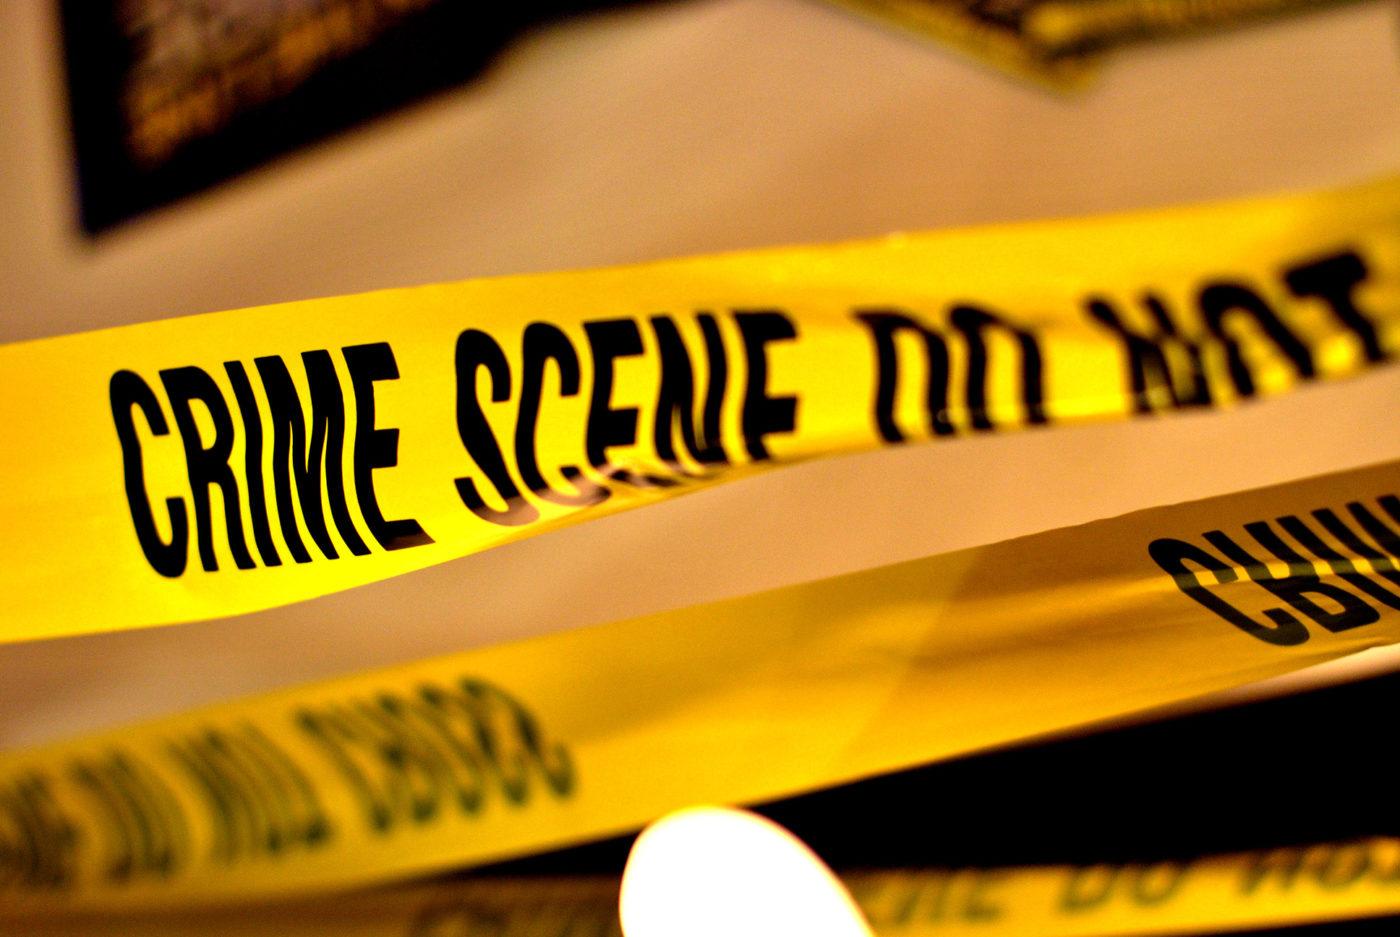 Do_Not_Cross,_Crime_Scene